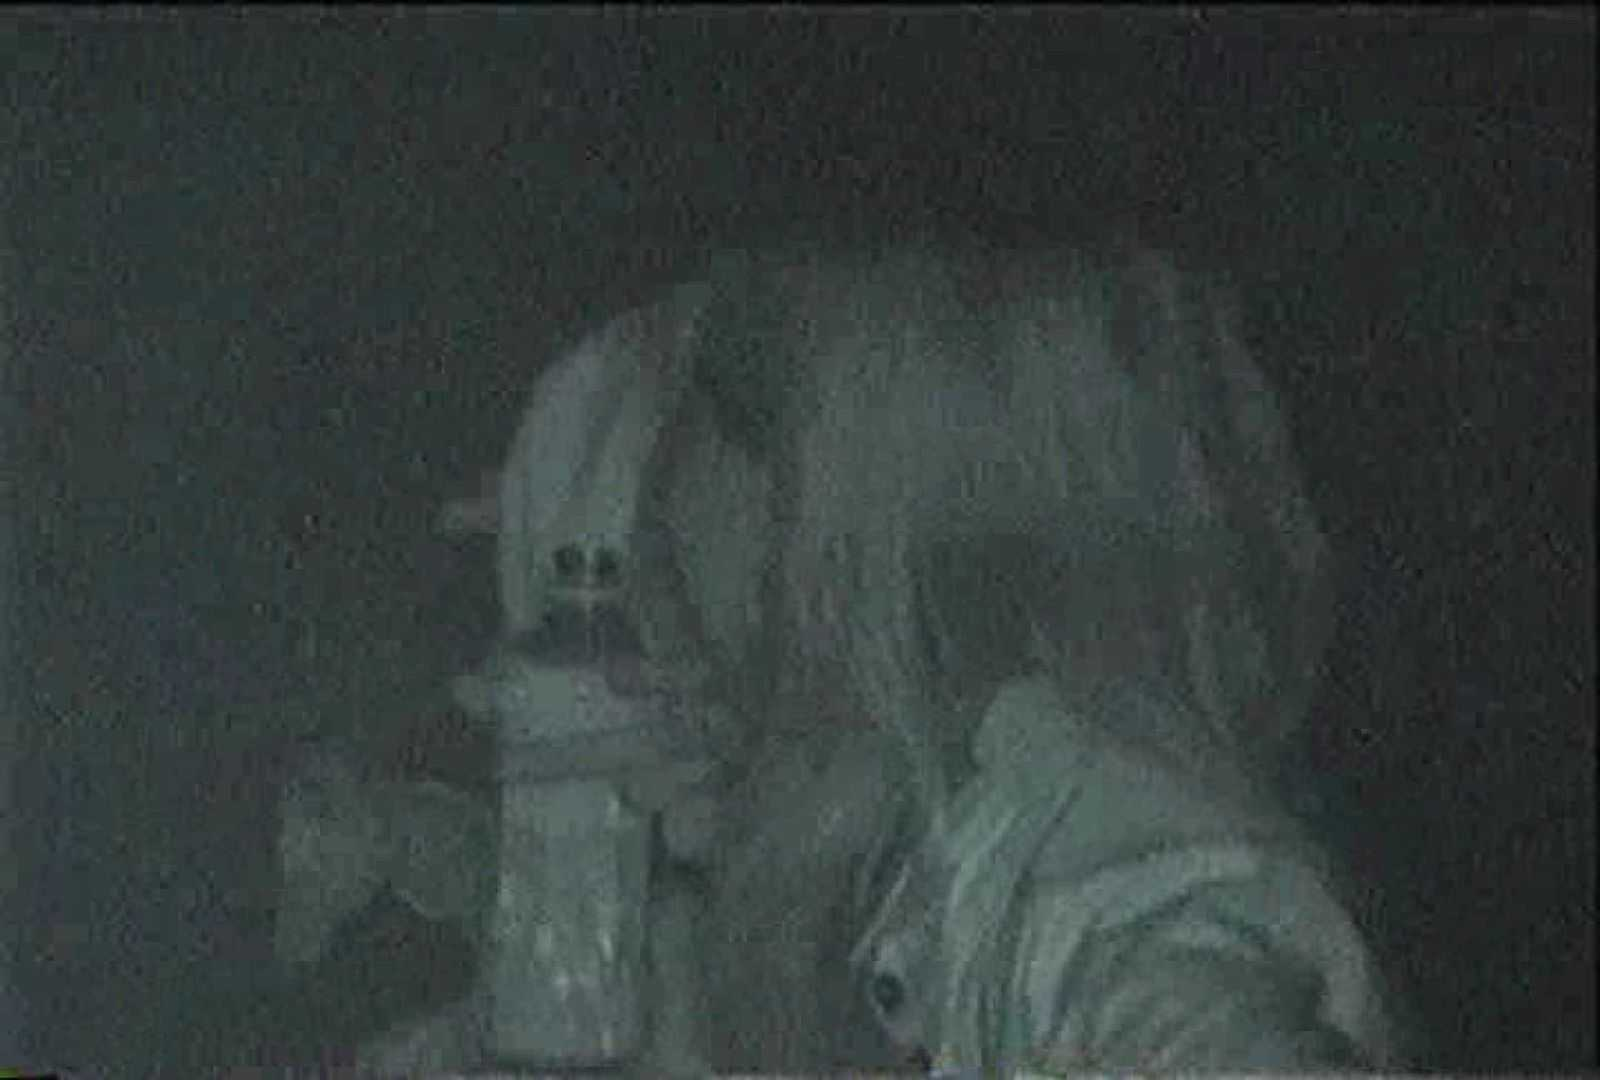 充血監督の深夜の運動会Vol.80 エロティックなOL おめこ無修正画像 85画像 68